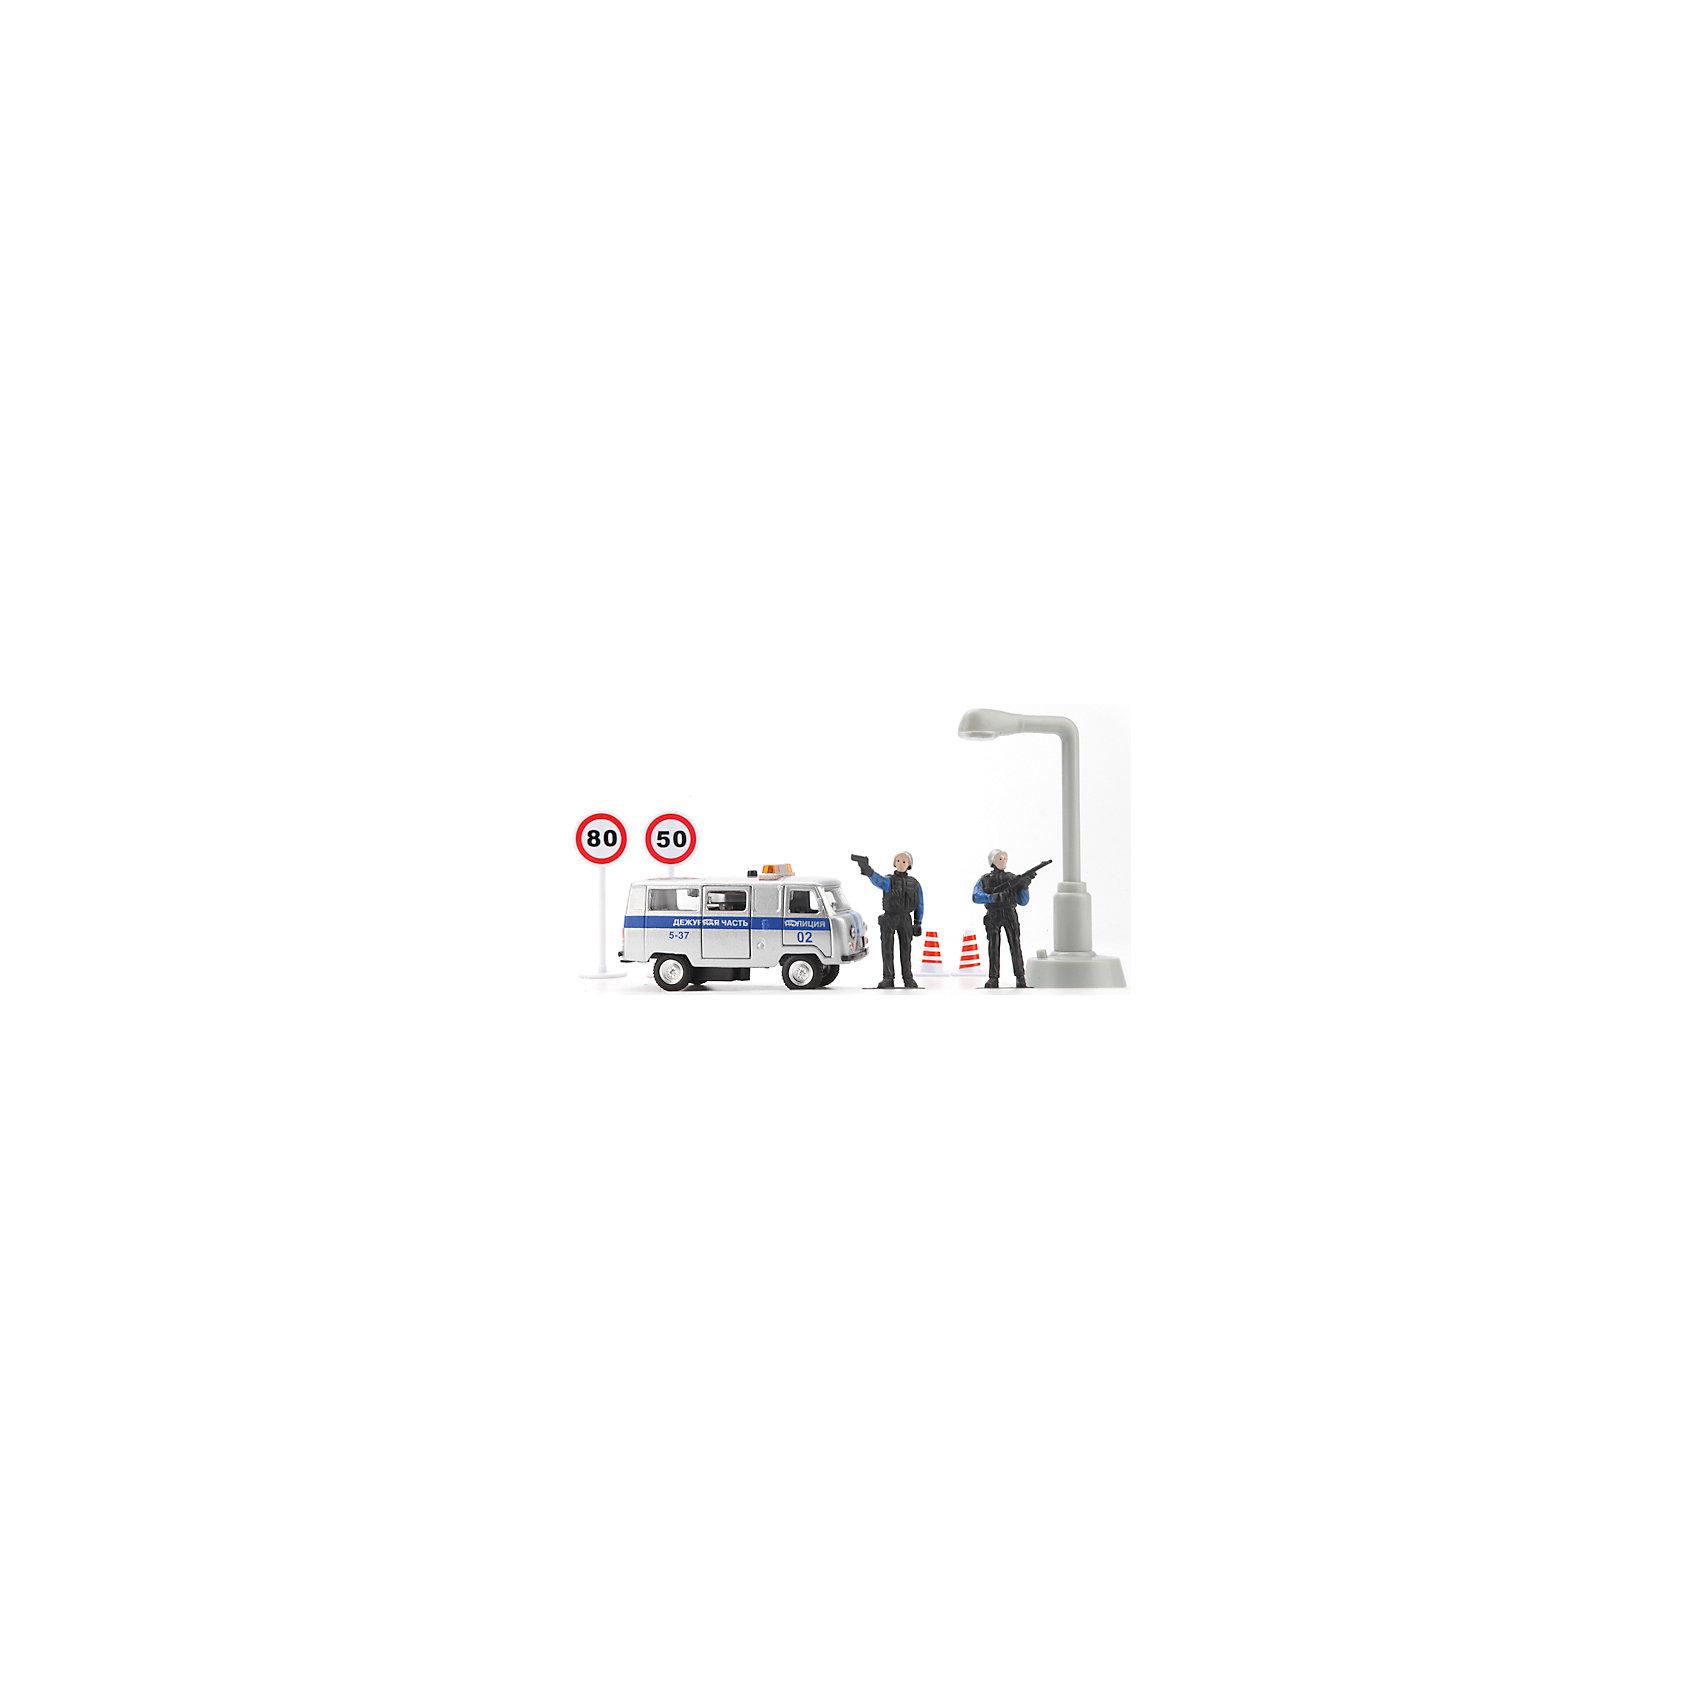 ТЕХНОПАРК Машина  Милиция/Полиция дежурная часть, свет+звук, ТЕХНОПАРК технопарк игровой набор полиция